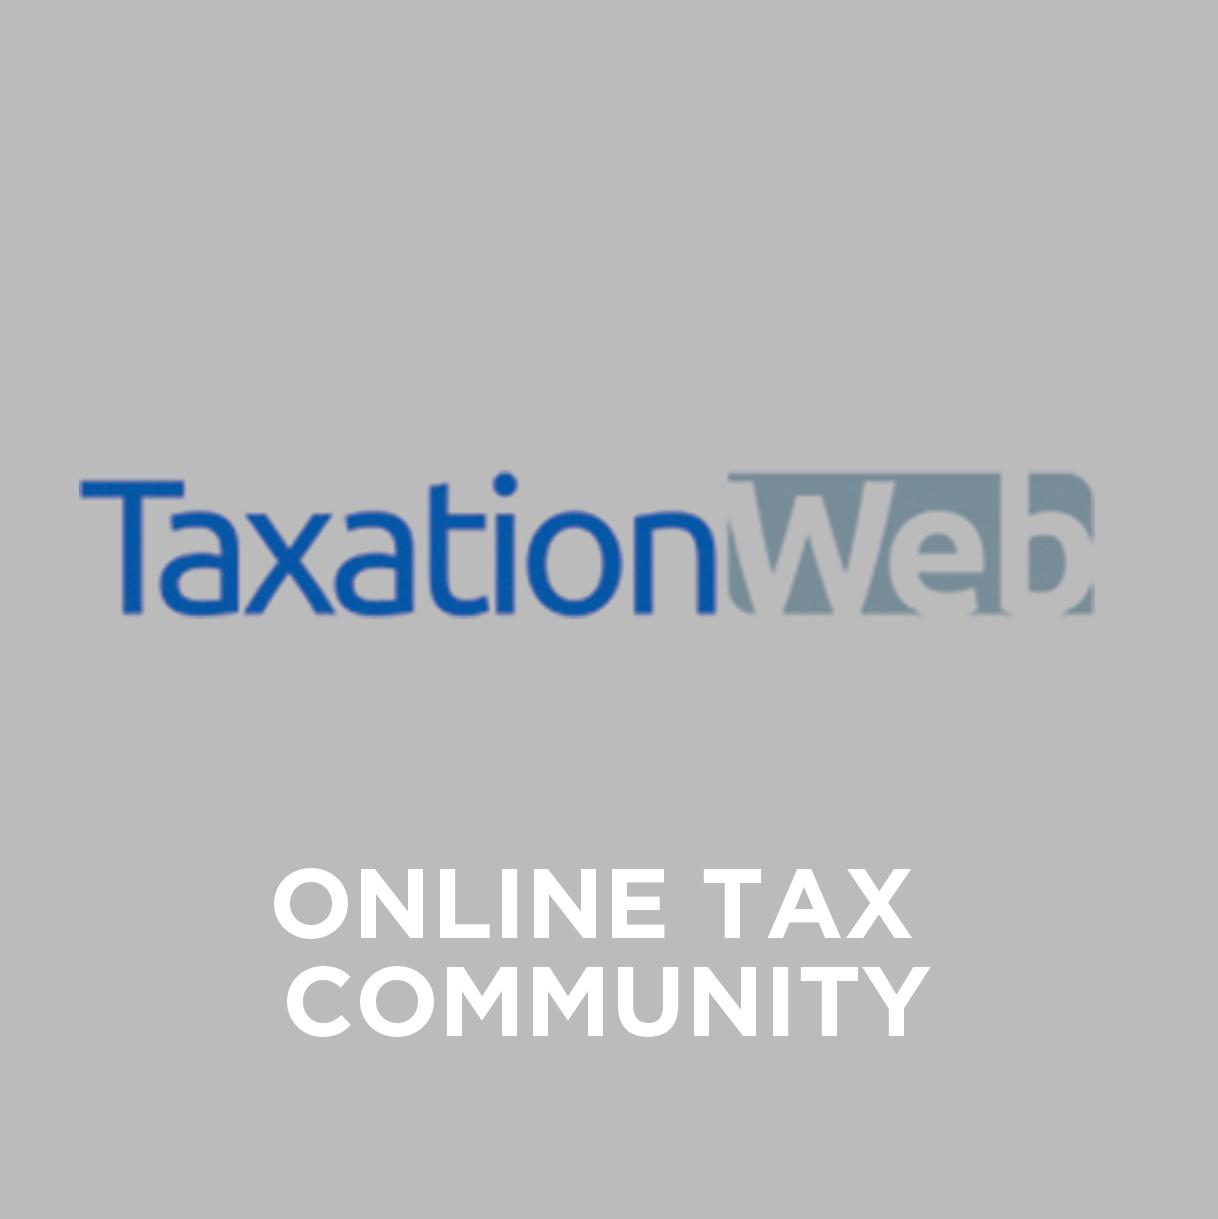 taxation-web